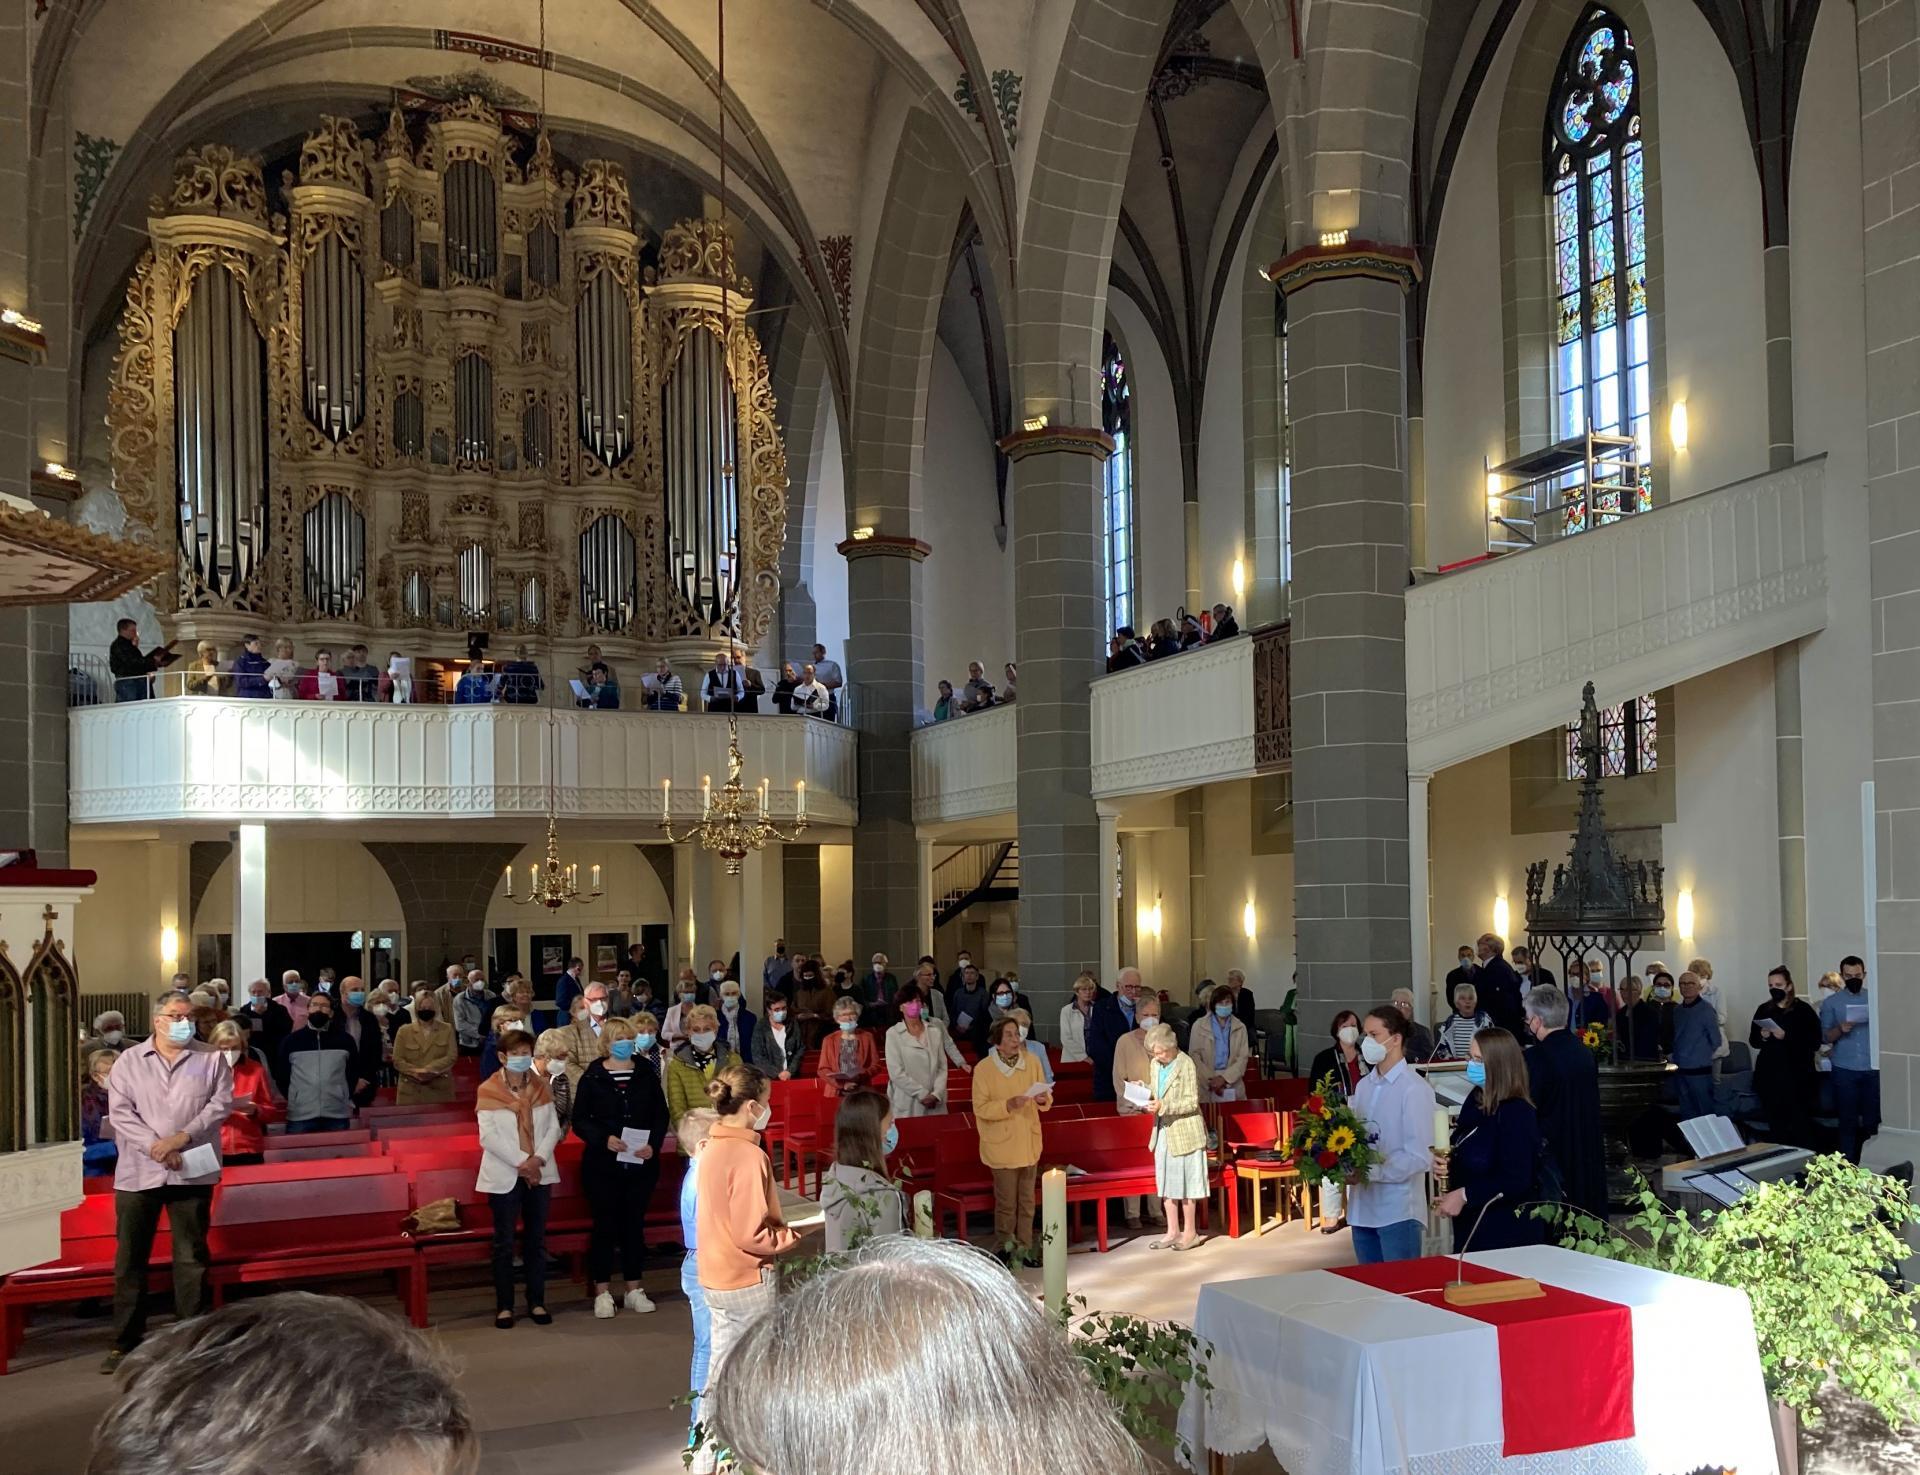 Die Kantorei singt, die Gemeinde steht, der Tischaltar ist noch nicht gedeckt- welch ein erhabener Moment